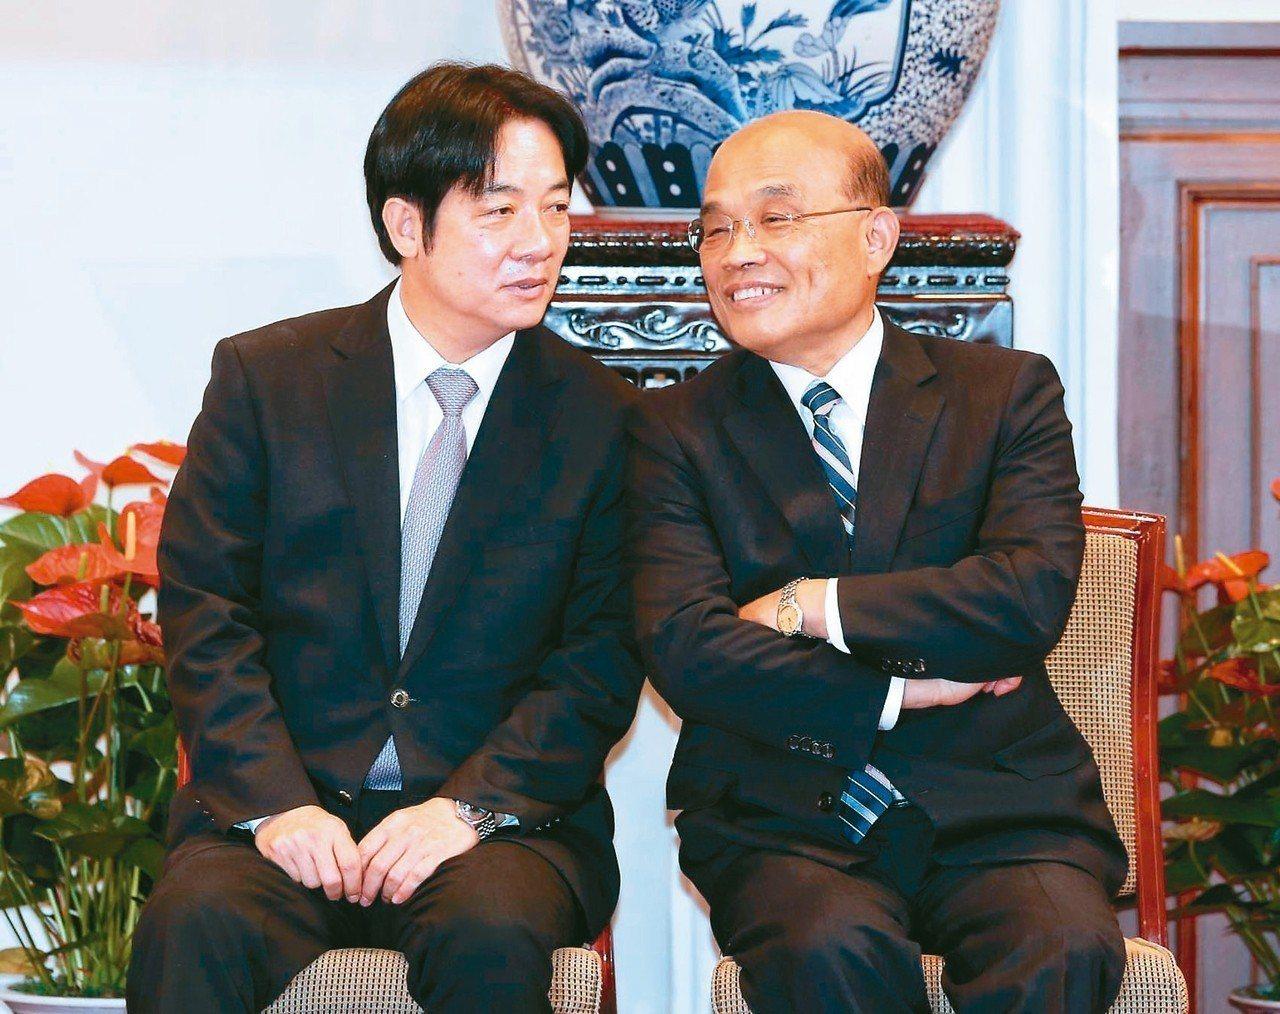 總統府上午舉行記者會,辭去行政院長的賴清德(左)與將接任閣揆的蘇貞昌(右)都到場...